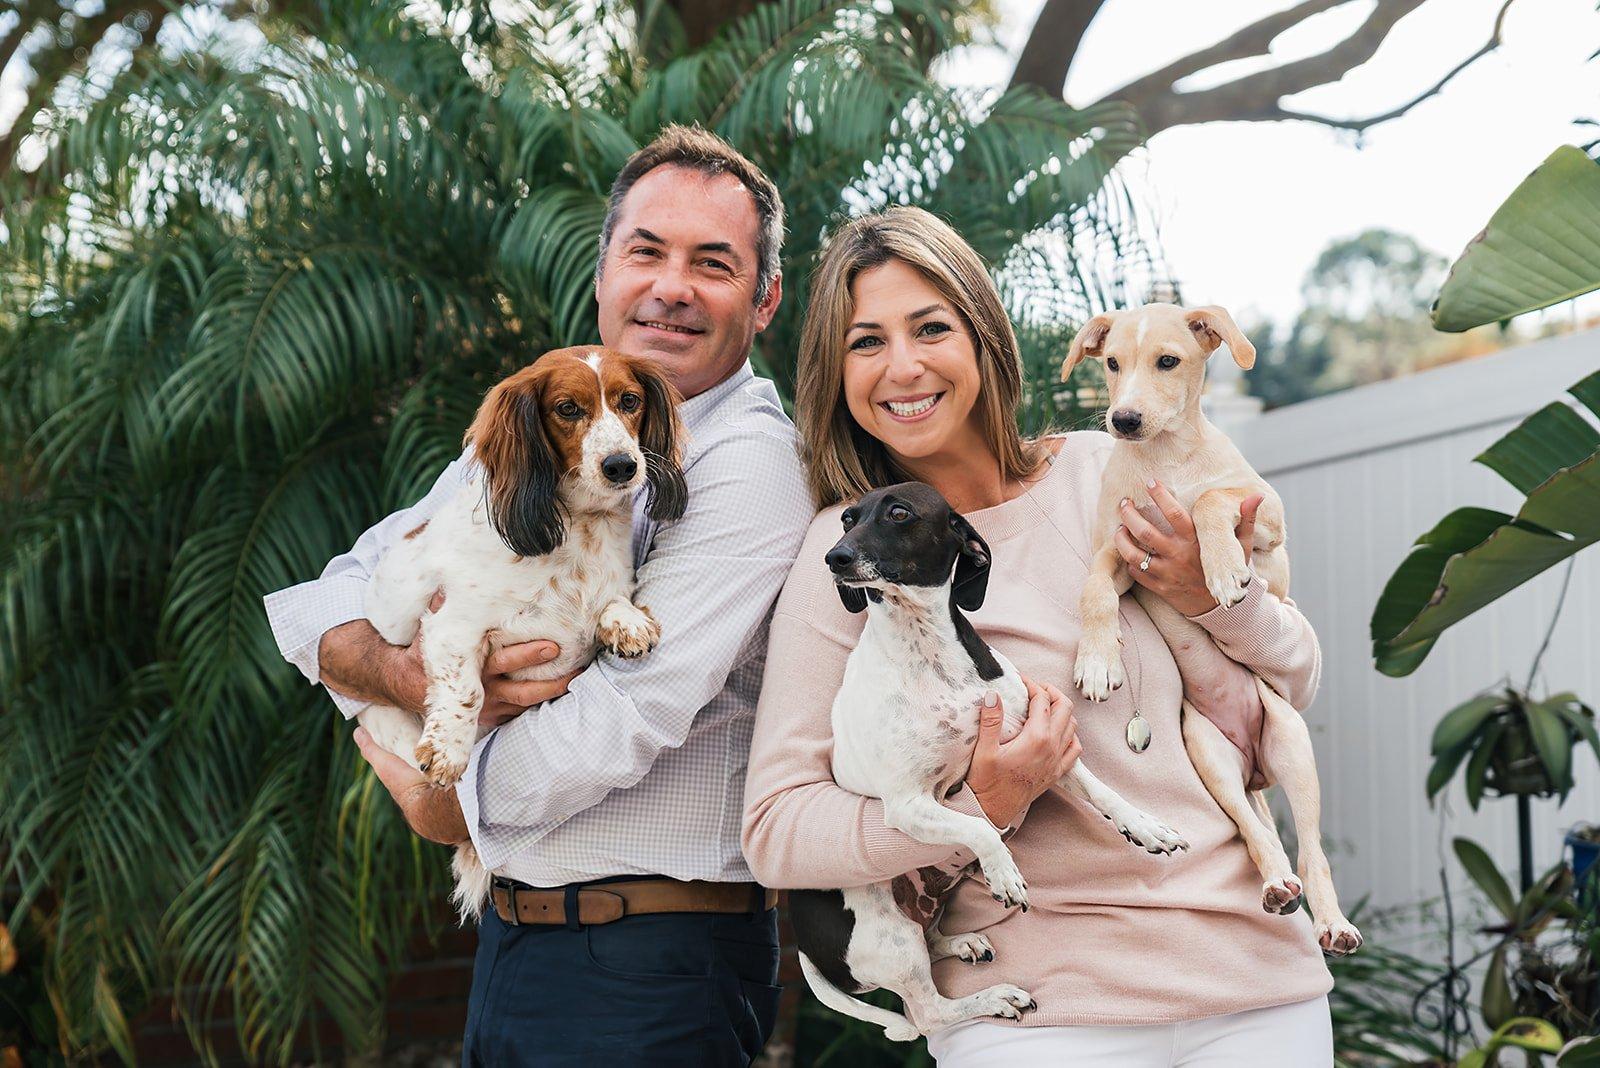 Capture Your Special Pet Bond Through A RTW Pet Photoshoot